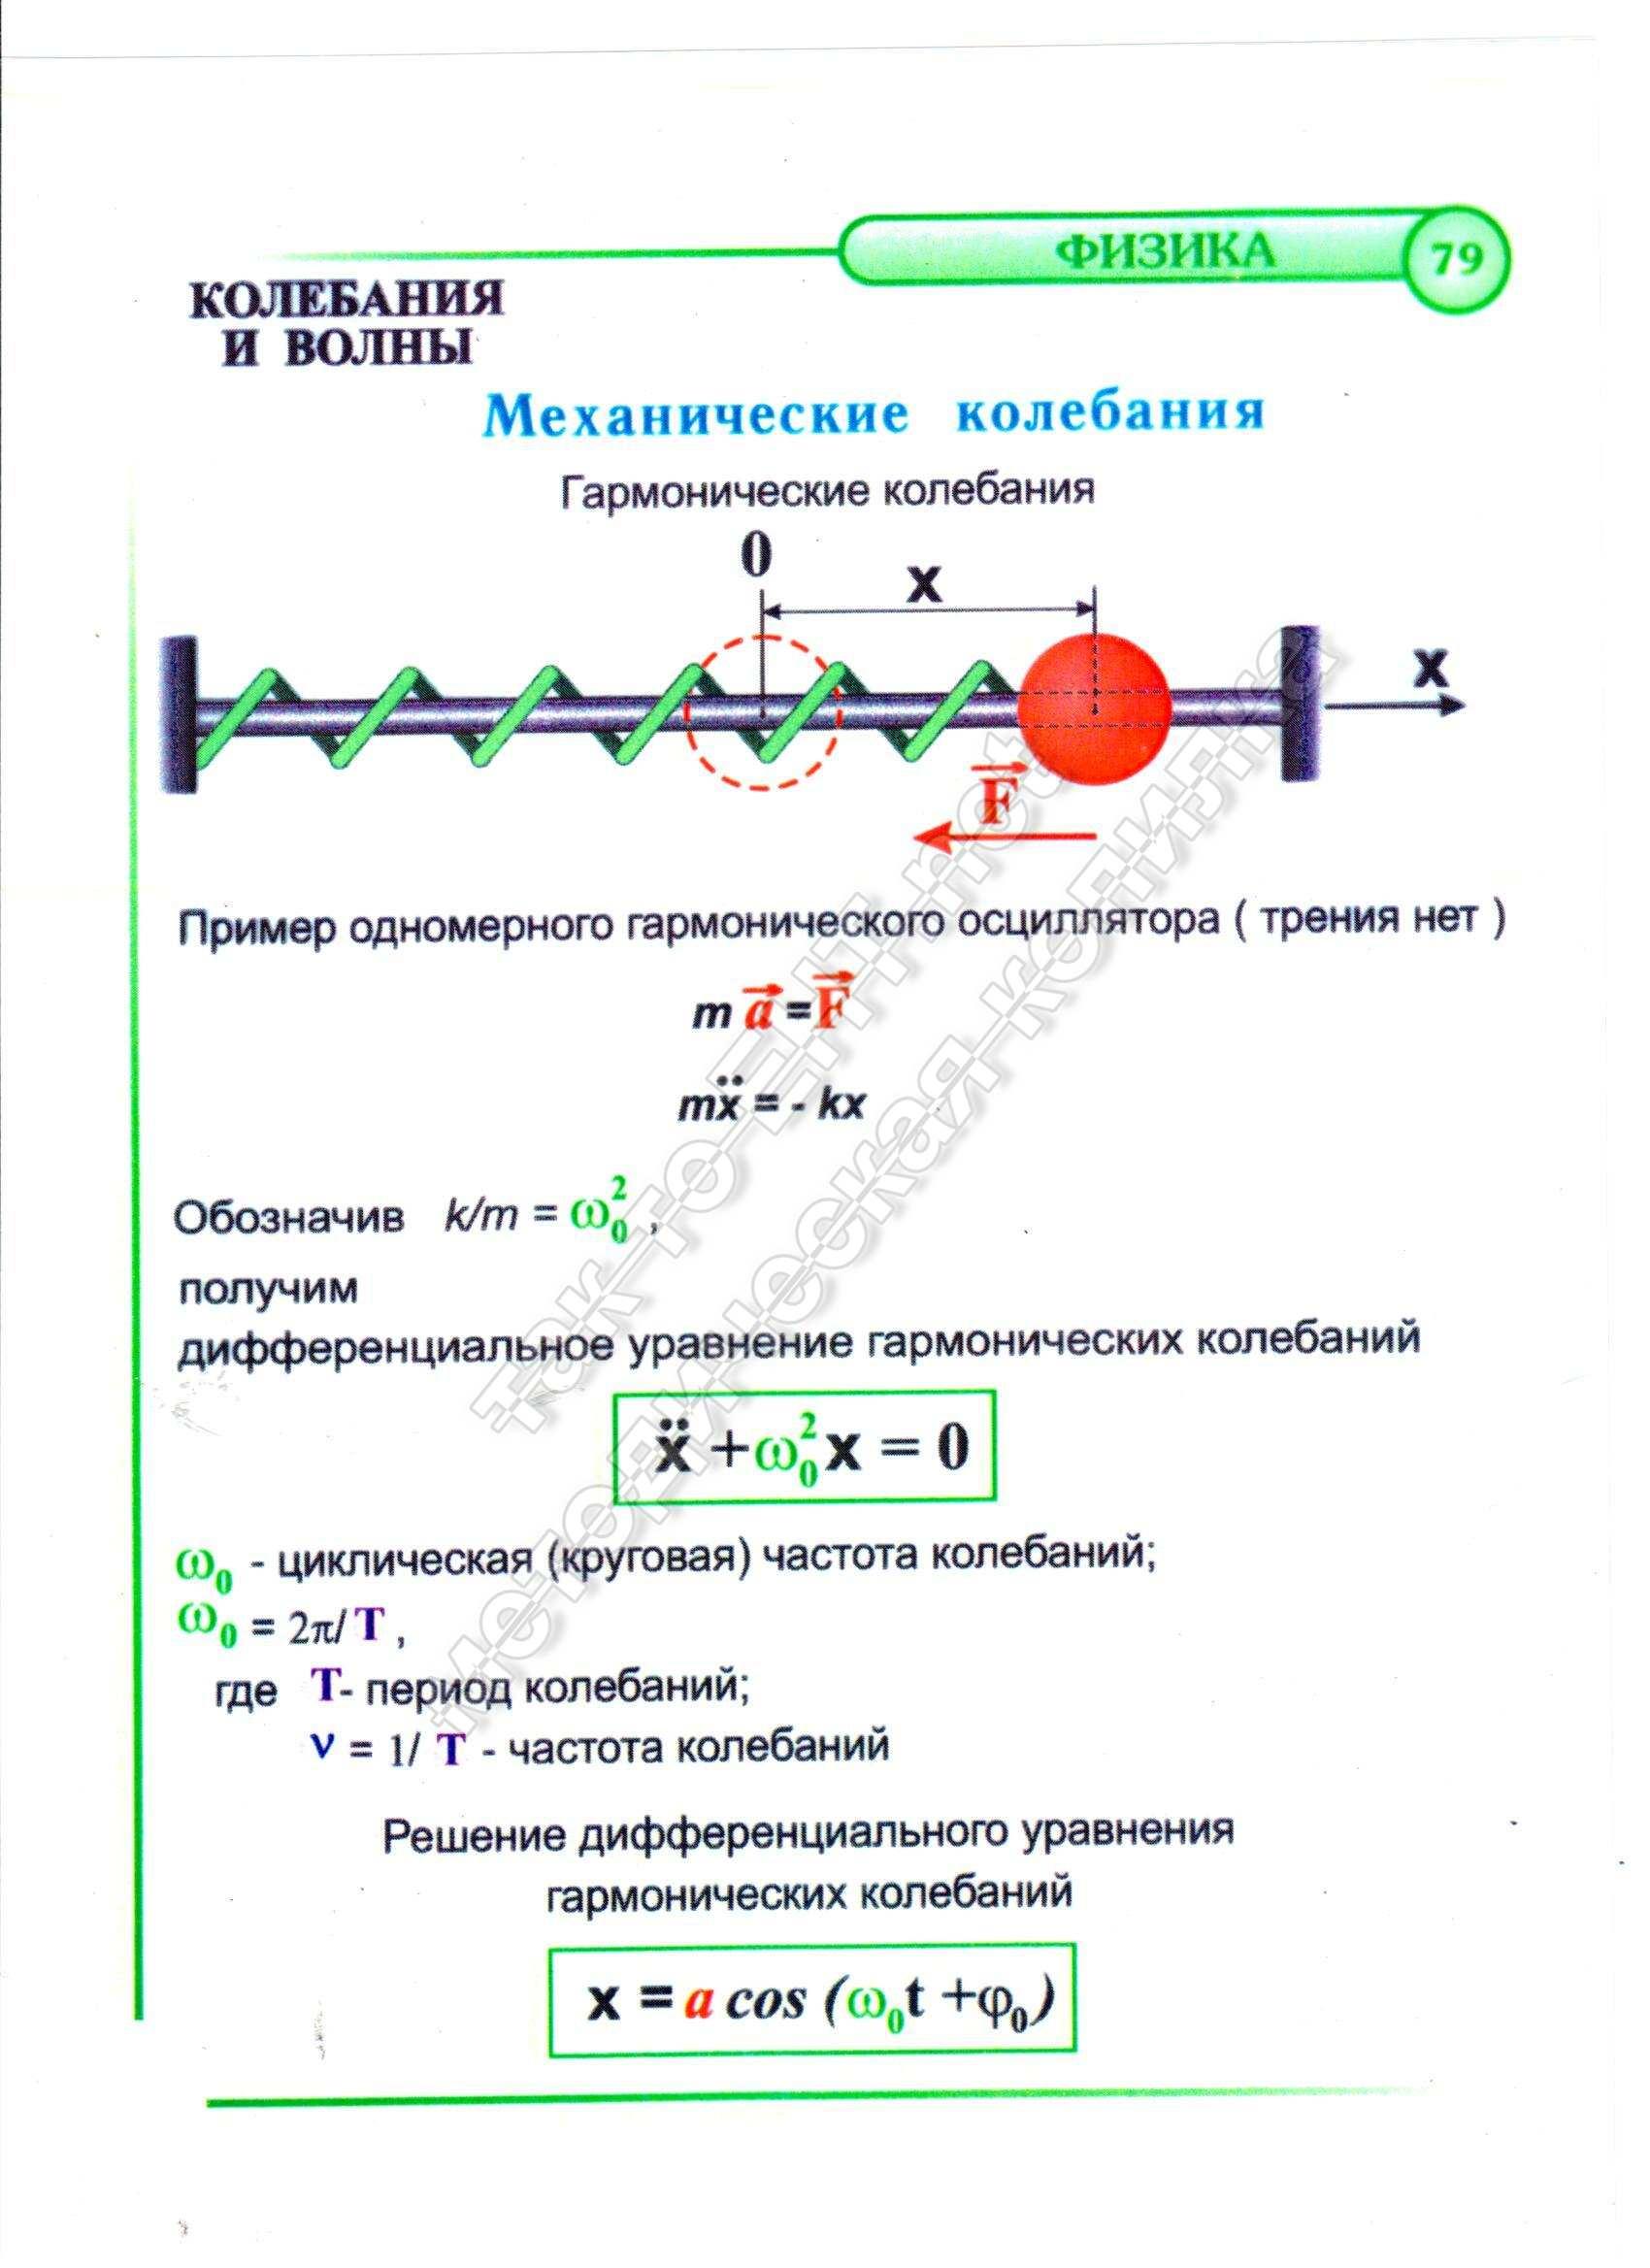 Механические колебания